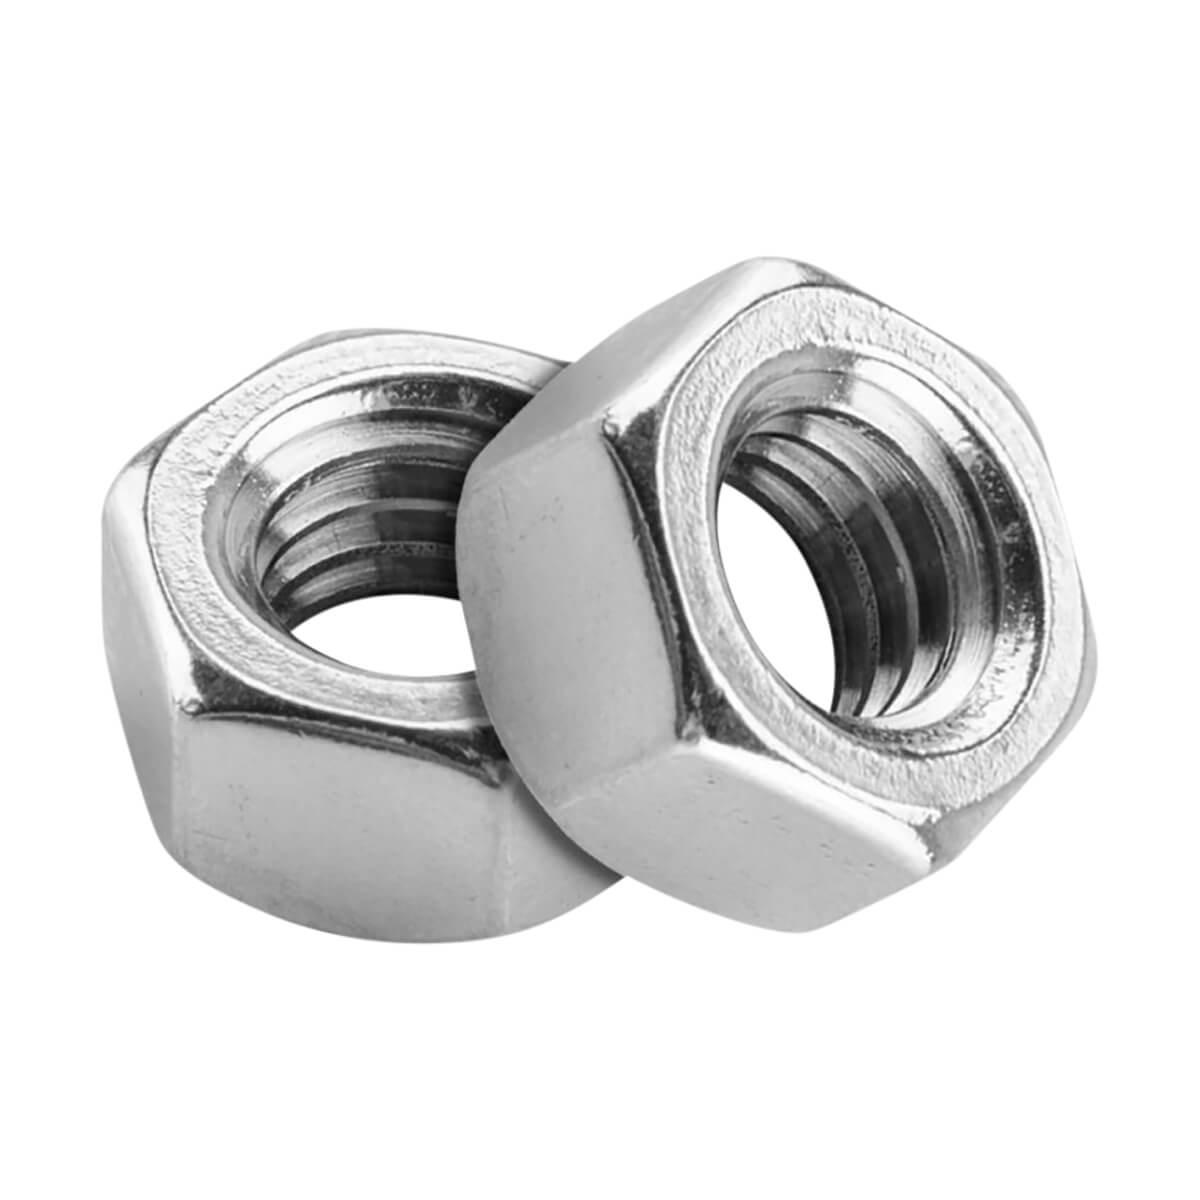 Hexagonal Nut - Zinc Plated - M5 X 0.8 Pitch - 8 Pack